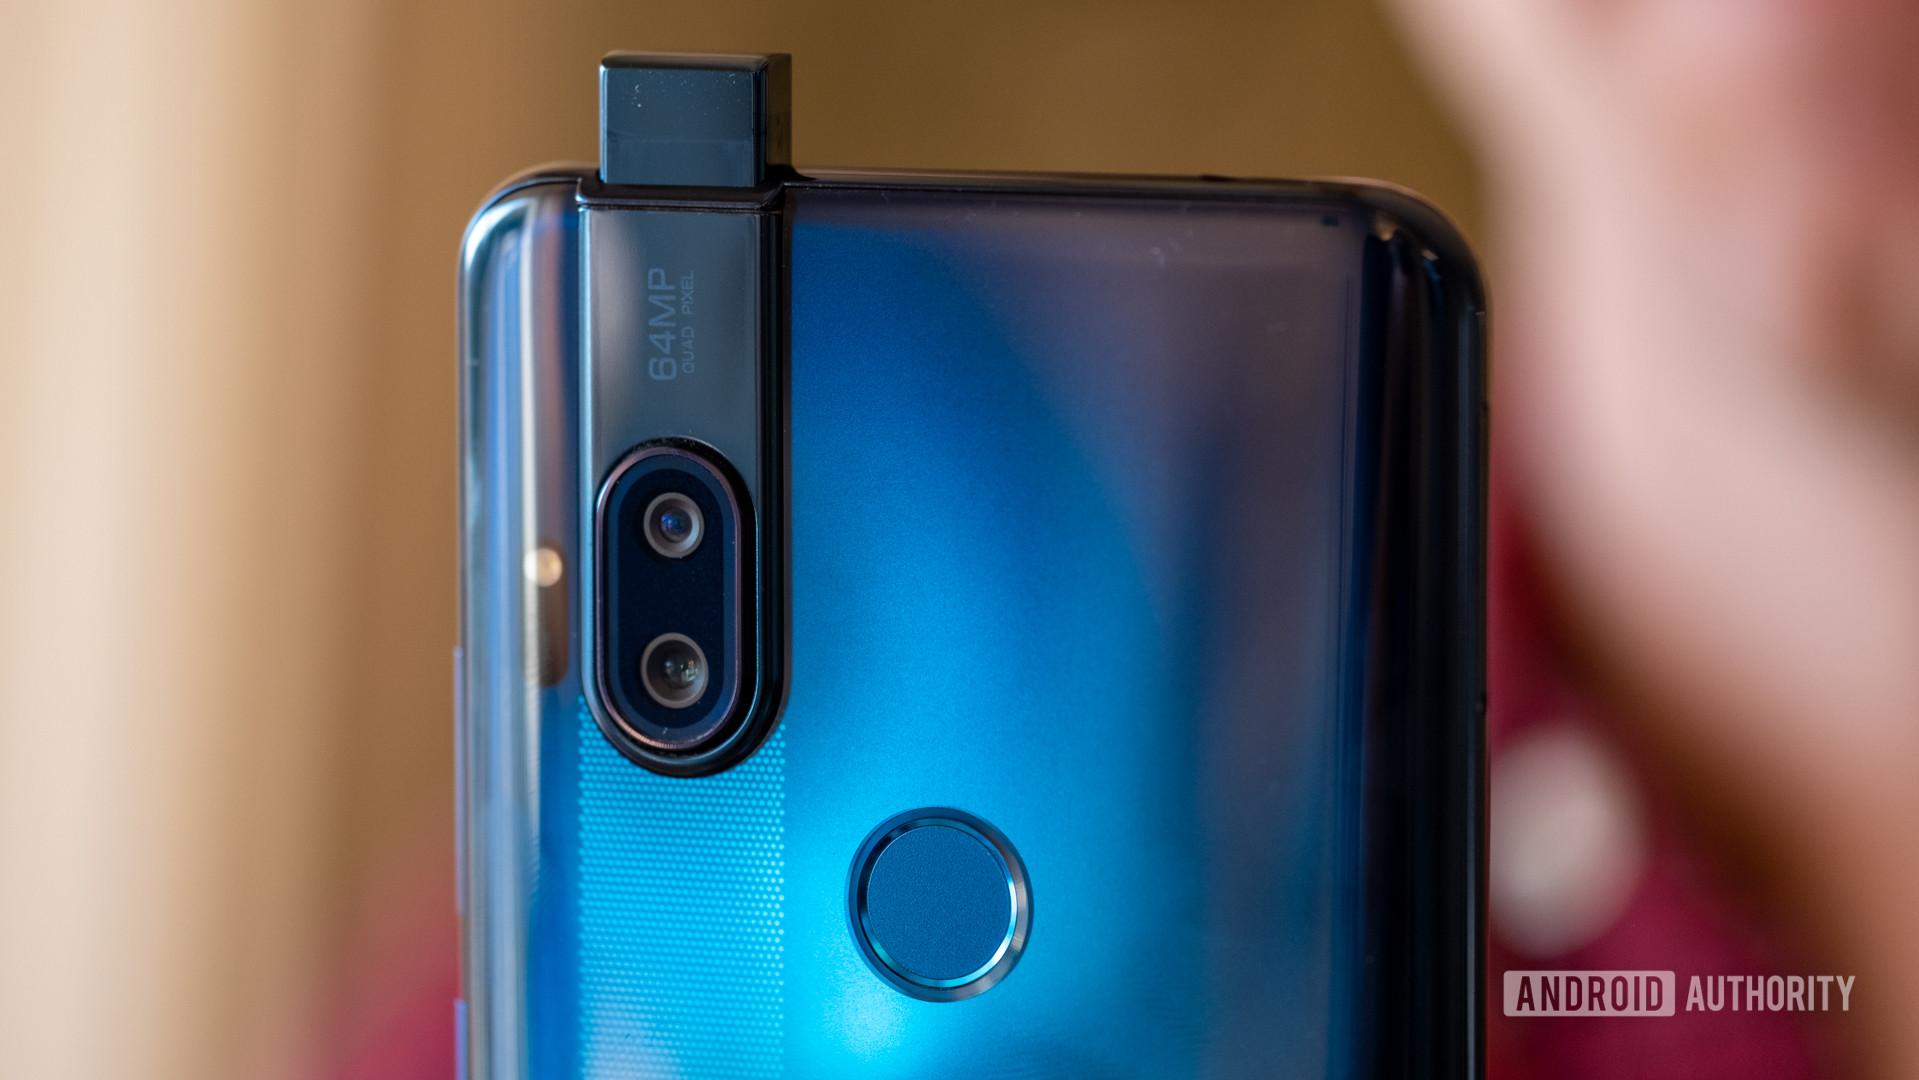 Motorola Moto One Hyper Pop Up selfie camera from behind